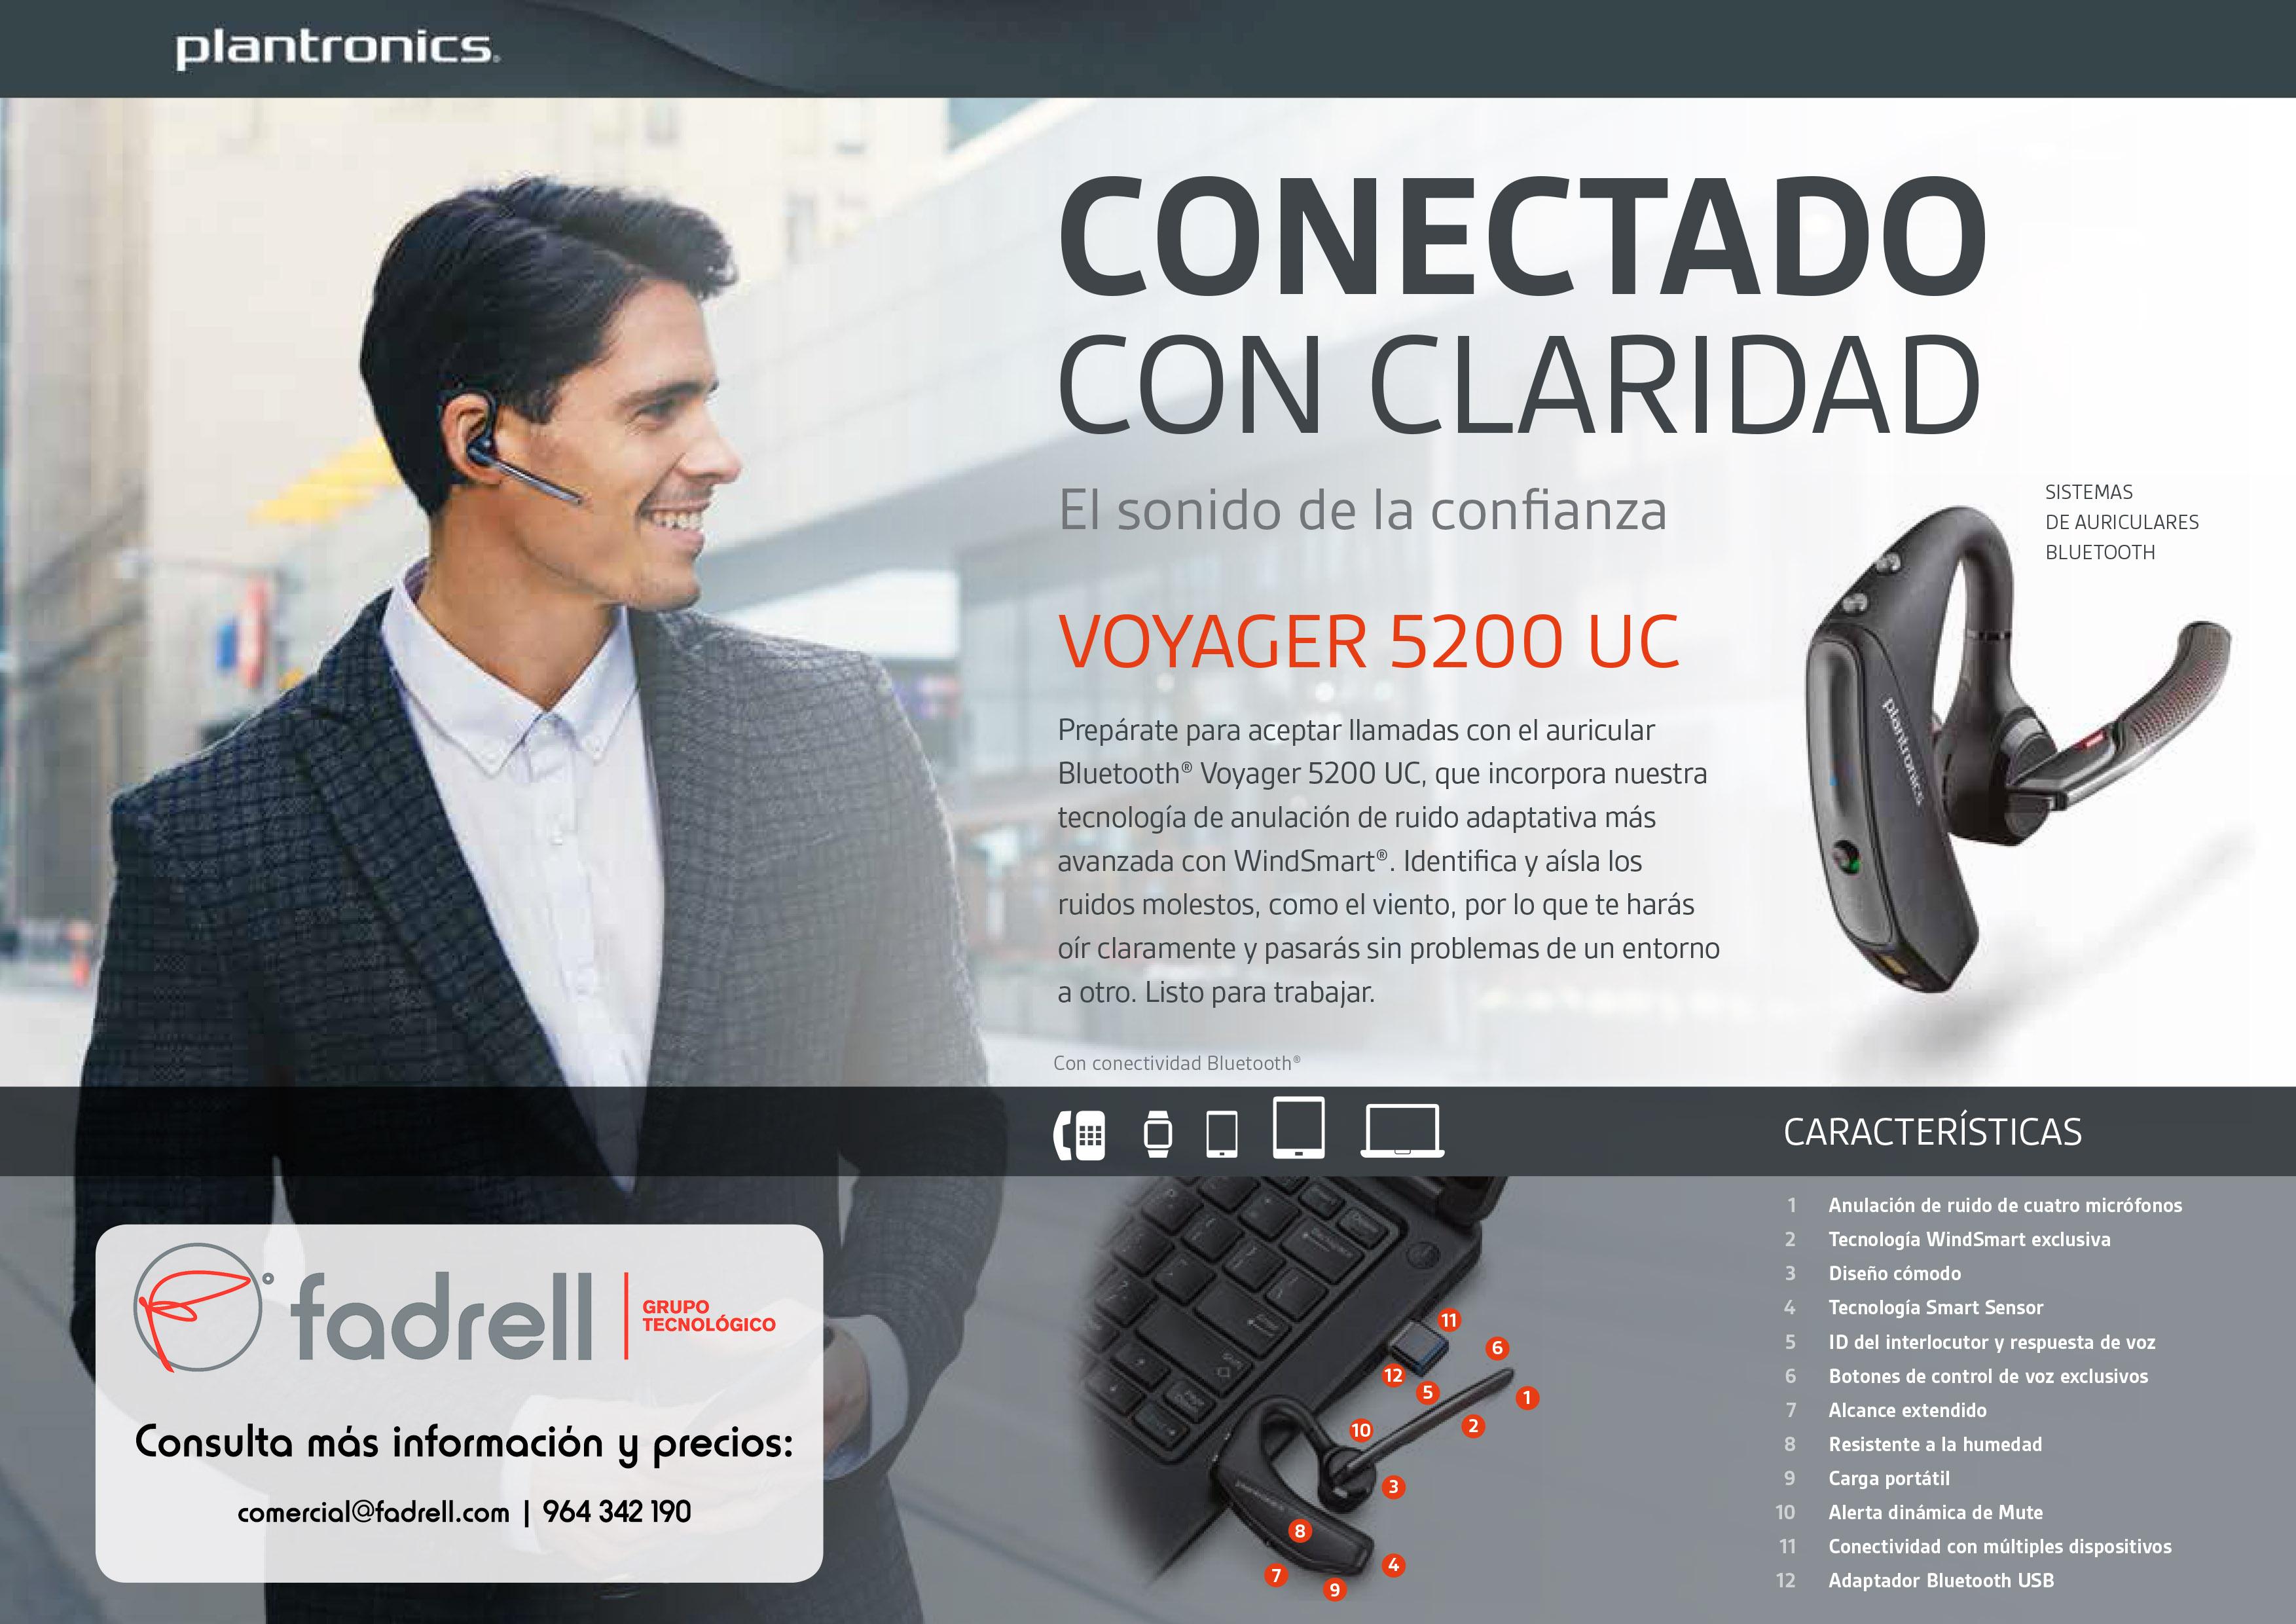 plantilla-plantronics-nuevo-voyager-5200-uc-bluetooth-clase-1-soluciones-movilidad-personalizable-1